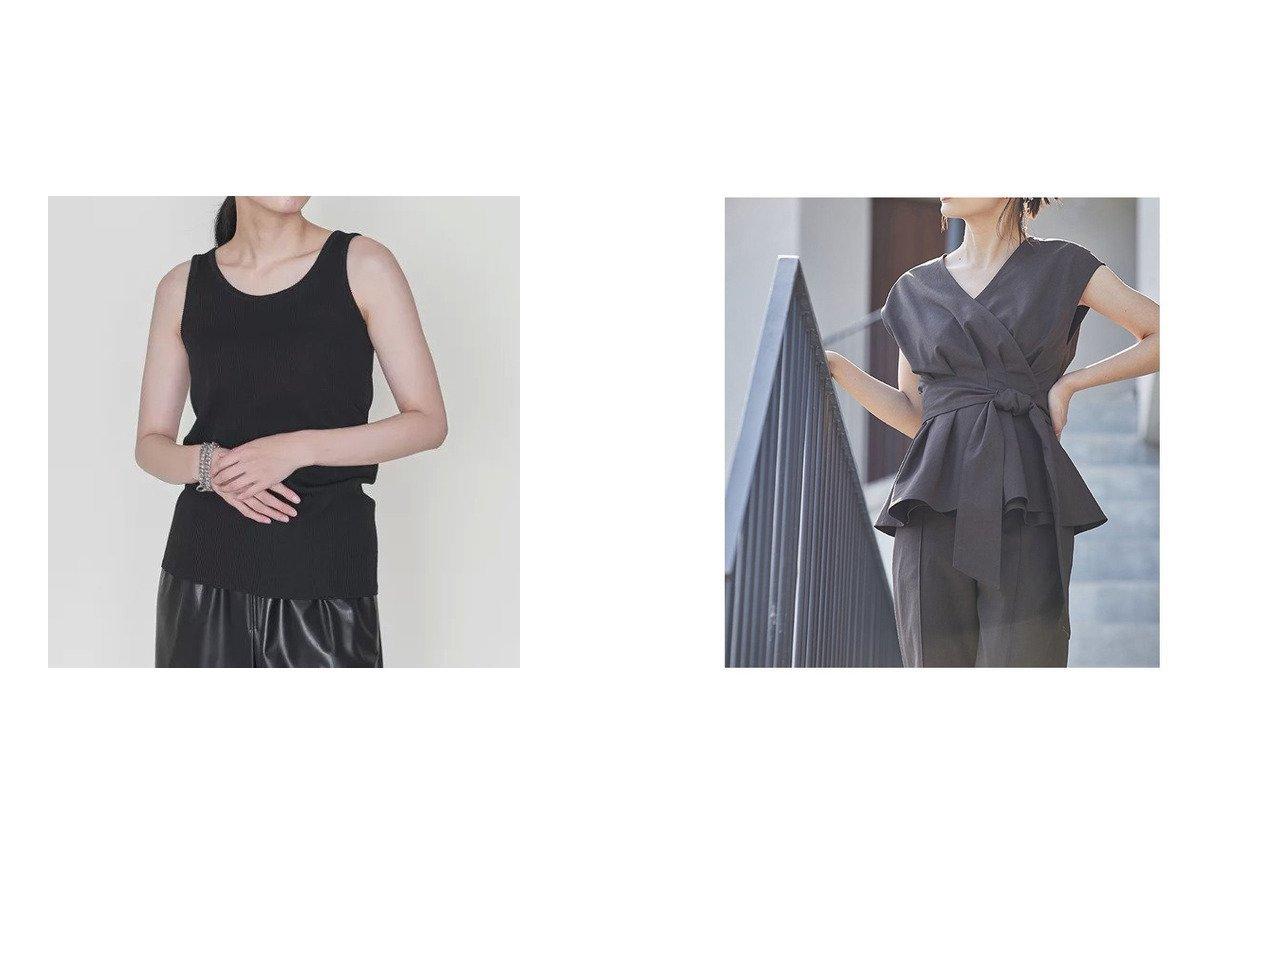 【anuans/アニュアンス】のリネン混カシュクールブラウス&【ASTRAET/アストラット】のバックシーム タンクトップ 【トップス・カットソー】おすすめ!人気、トレンド・レディースファッションの通販 おすすめで人気の流行・トレンド、ファッションの通販商品 インテリア・家具・メンズファッション・キッズファッション・レディースファッション・服の通販 founy(ファニー) https://founy.com/ ファッション Fashion レディースファッション WOMEN トップス・カットソー Tops/Tshirt シャツ/ブラウス Shirts/Blouses ロング / Tシャツ T-Shirts カットソー Cut and Sewn カットソー シンプル タンク おすすめ Recommend セットアップ ペプラム リネン リボン  ID:crp329100000054115